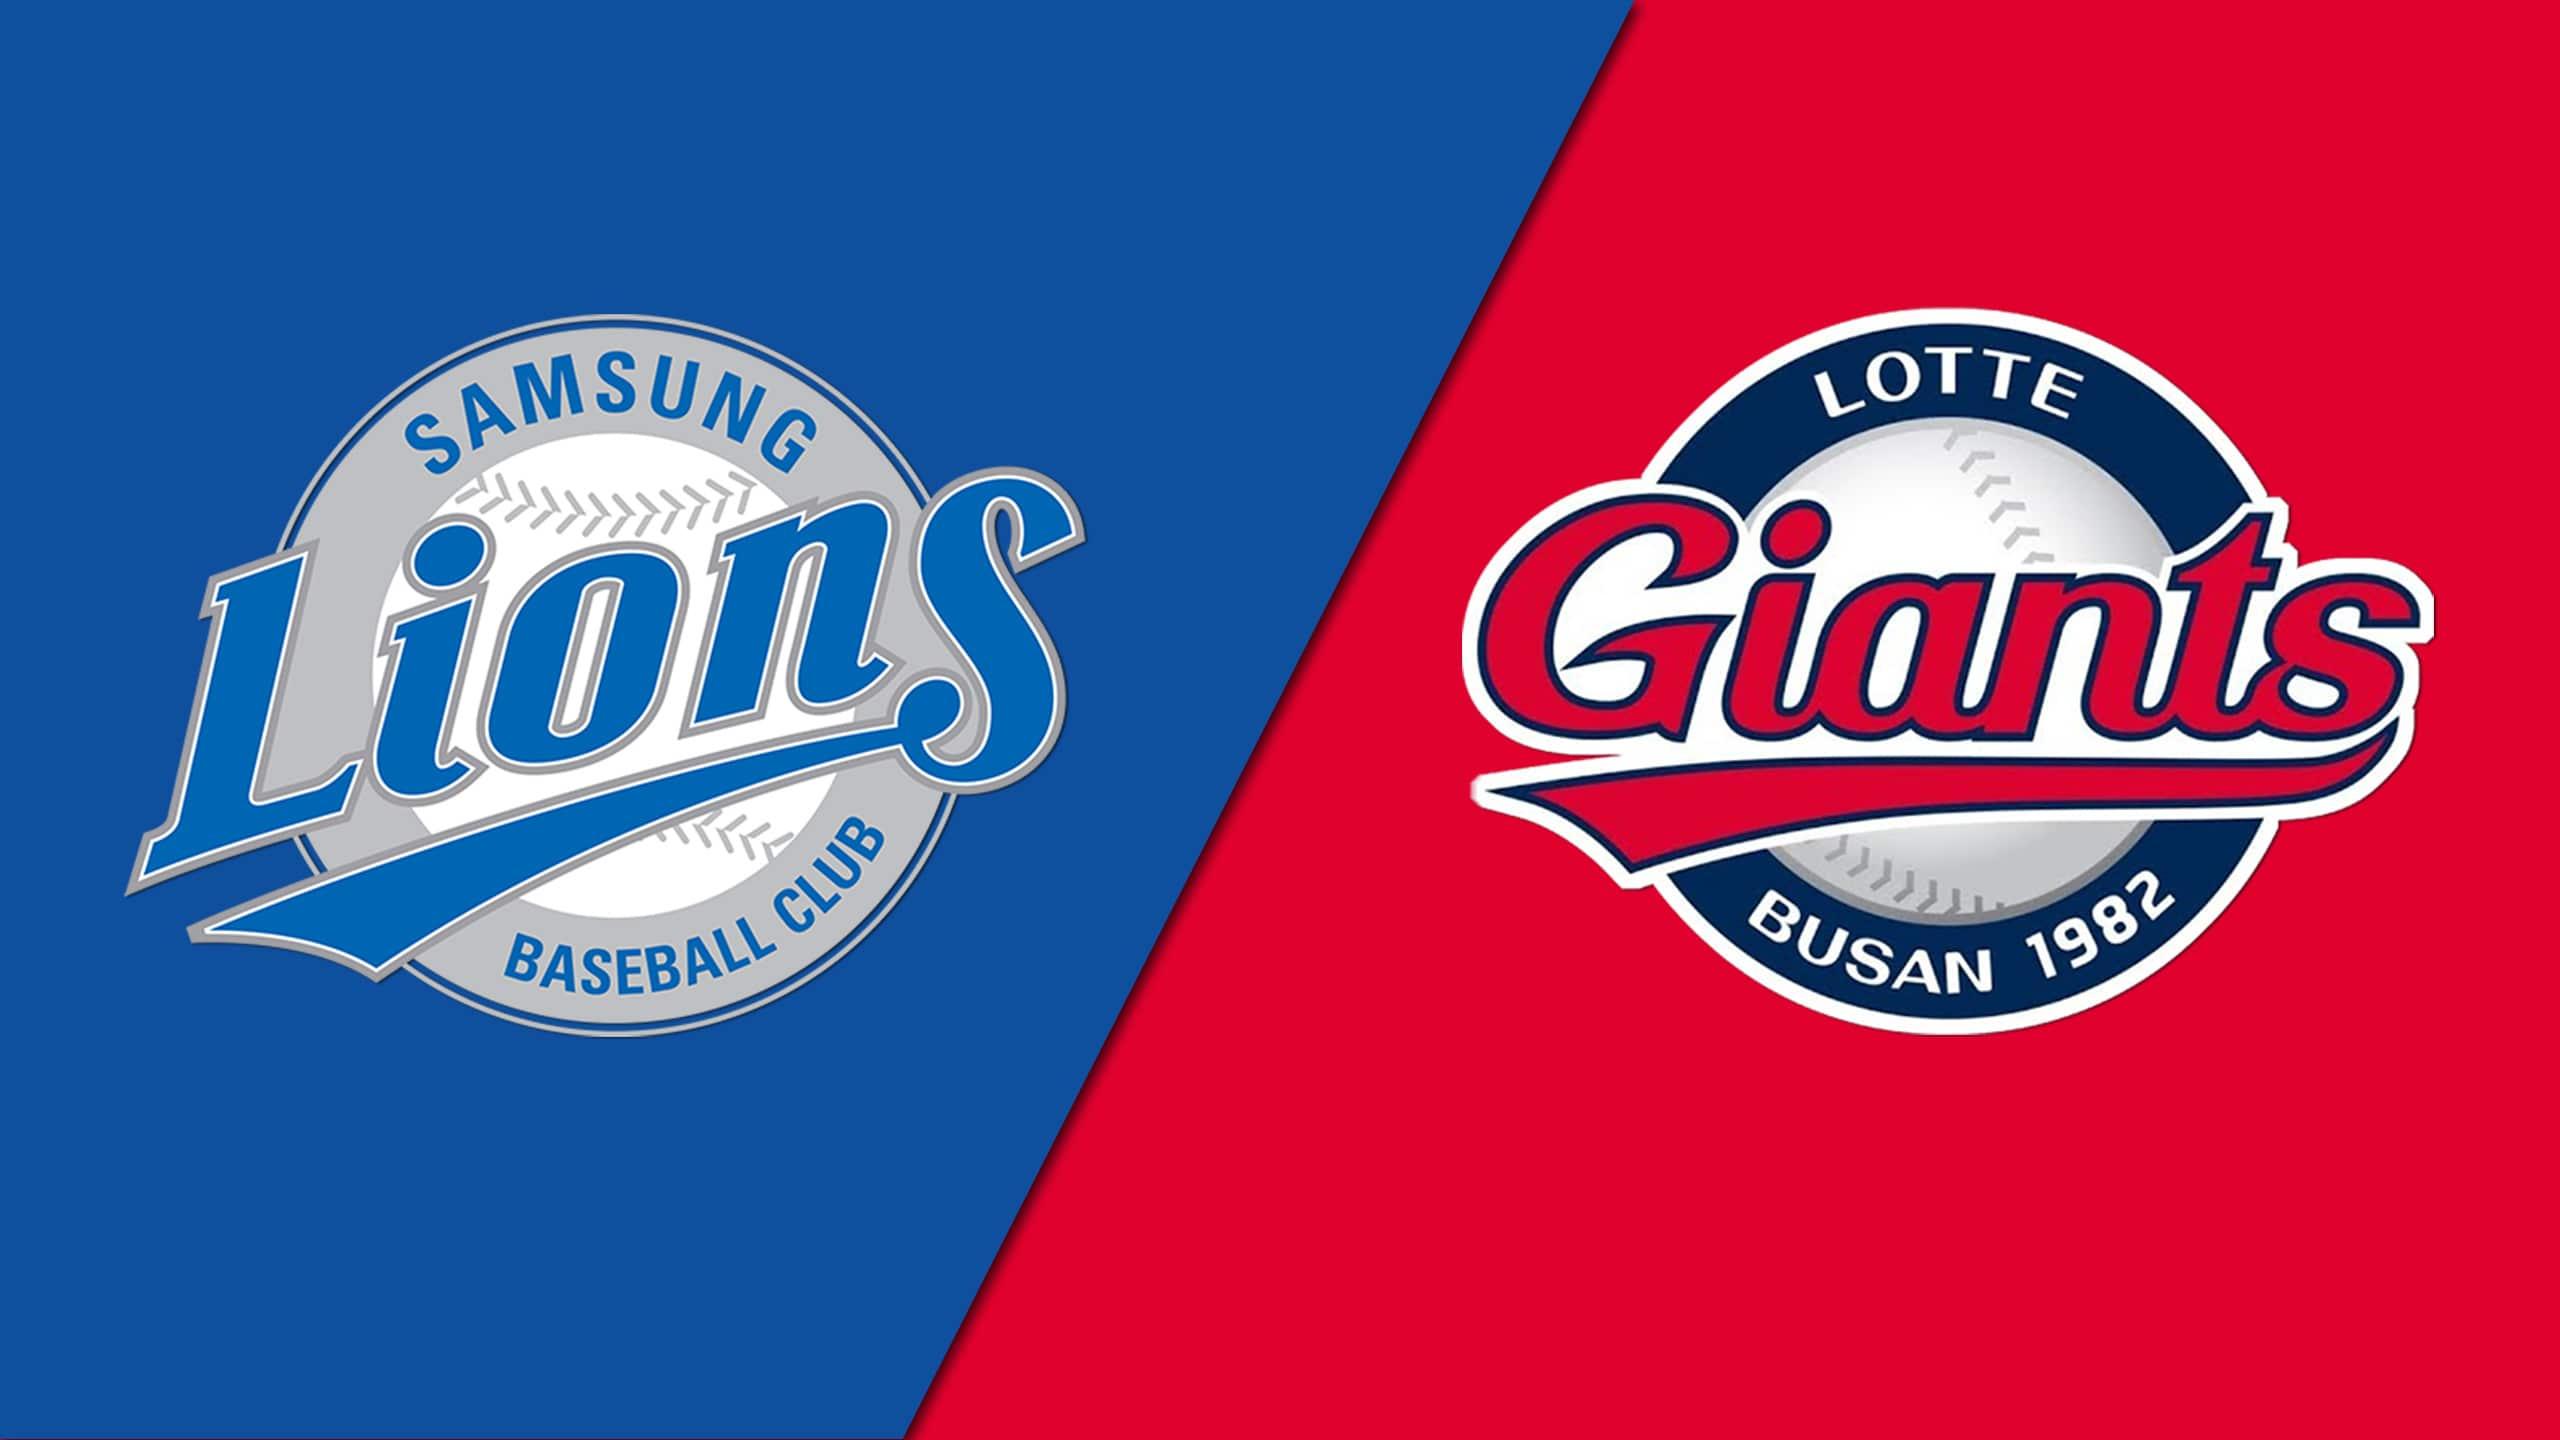 Samsung Lions vs Lotte Giants – 05/26/20 – KBO Odds, Preview & Prediction